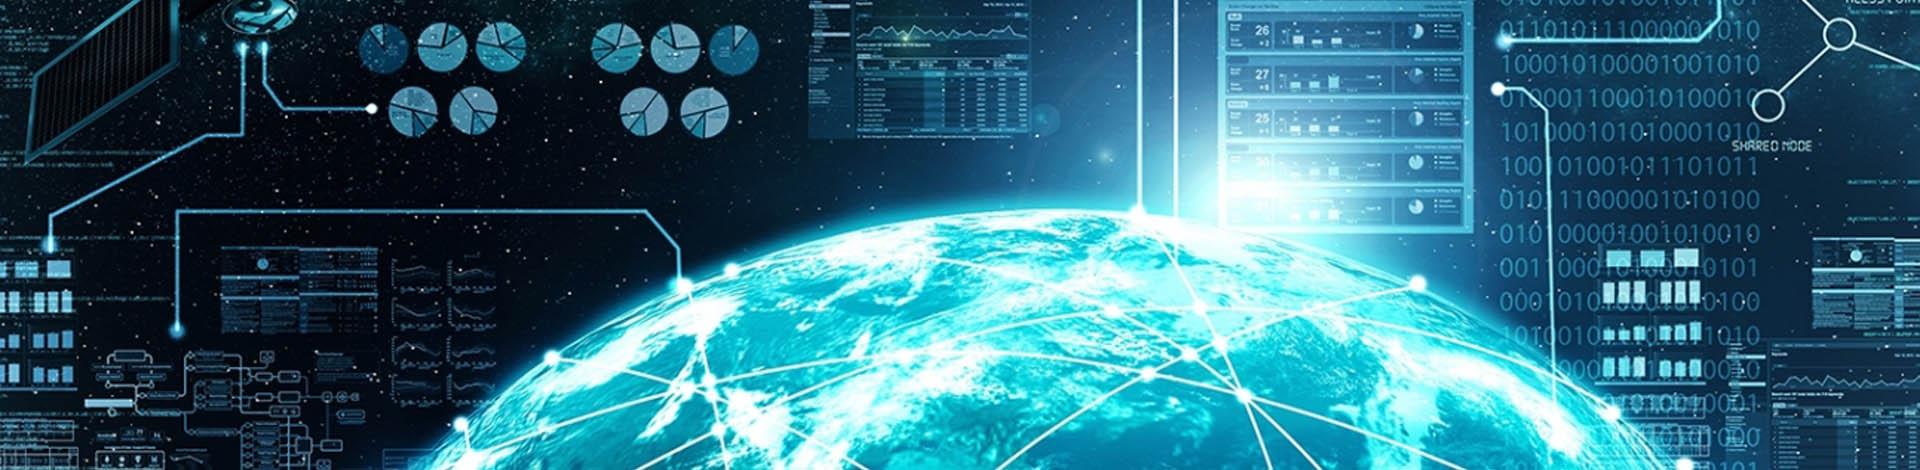 IoT Satellite Dataspace